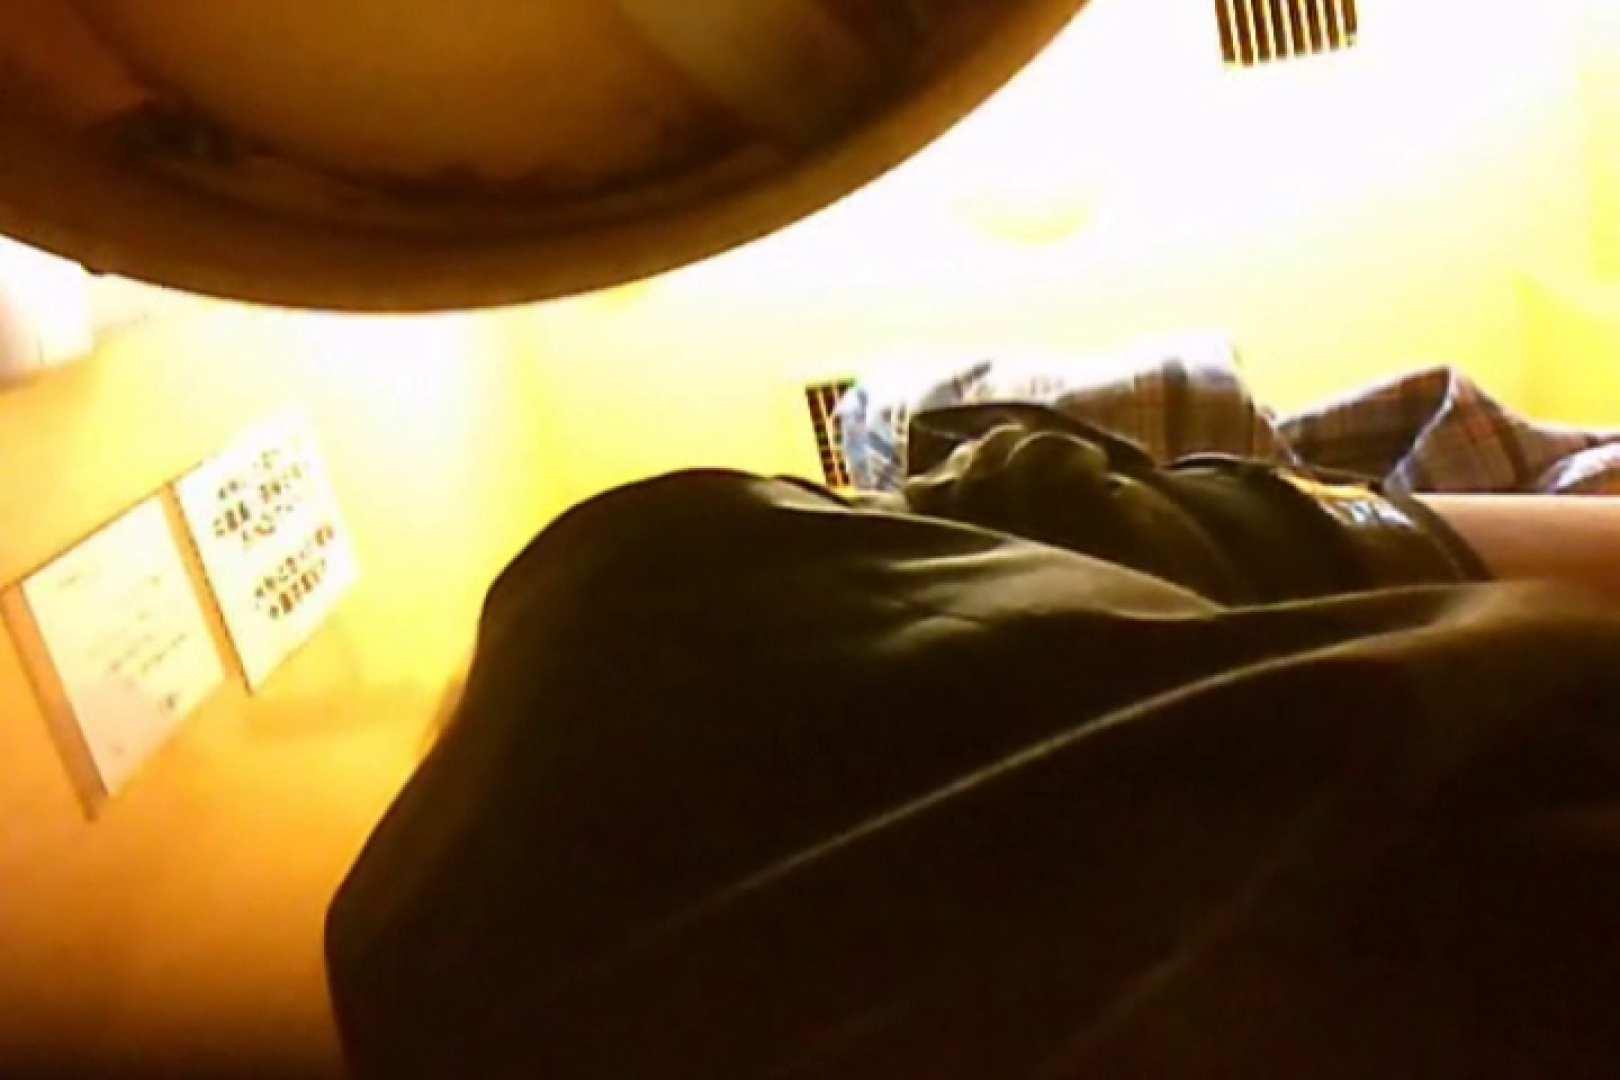 SEASON 3rd!掴み取りさんの洗面所覗き!in新幹線!VOL.09 完全無修正でお届け | ボーイズ私服  65pic 58